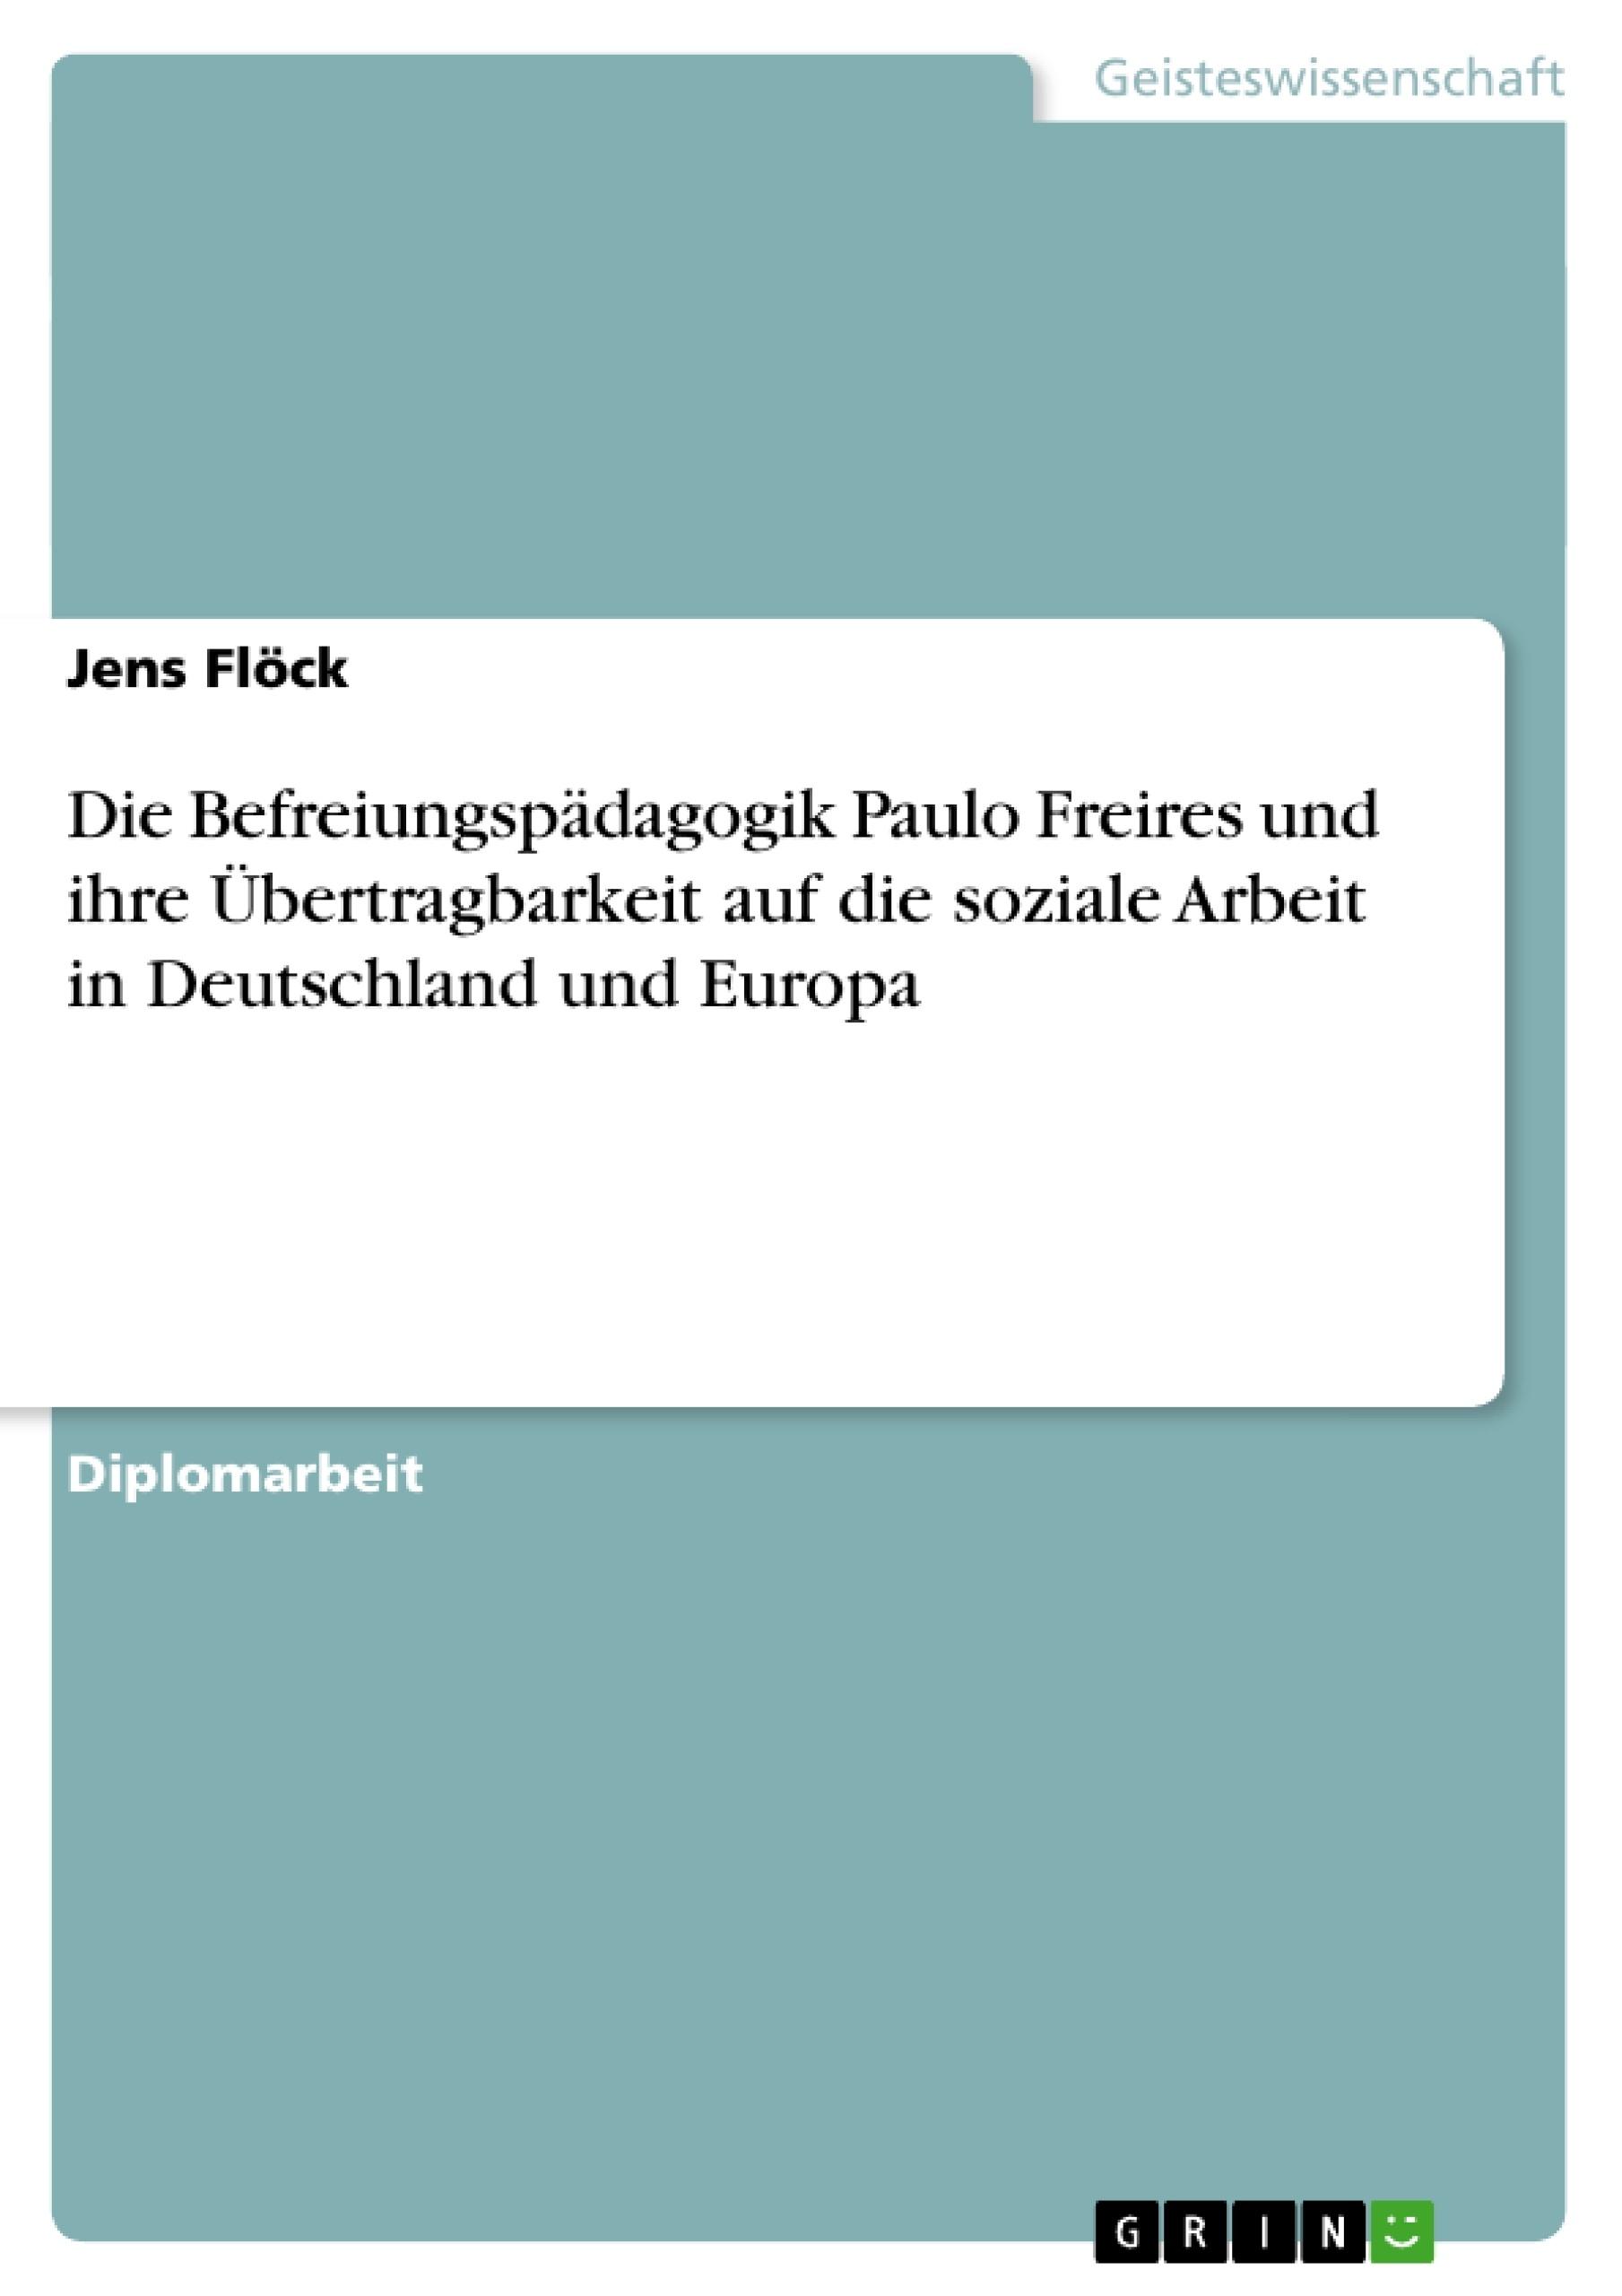 Titel: Die Befreiungspädagogik Paulo Freires und ihre Übertragbarkeit auf  die soziale Arbeit in Deutschland und Europa